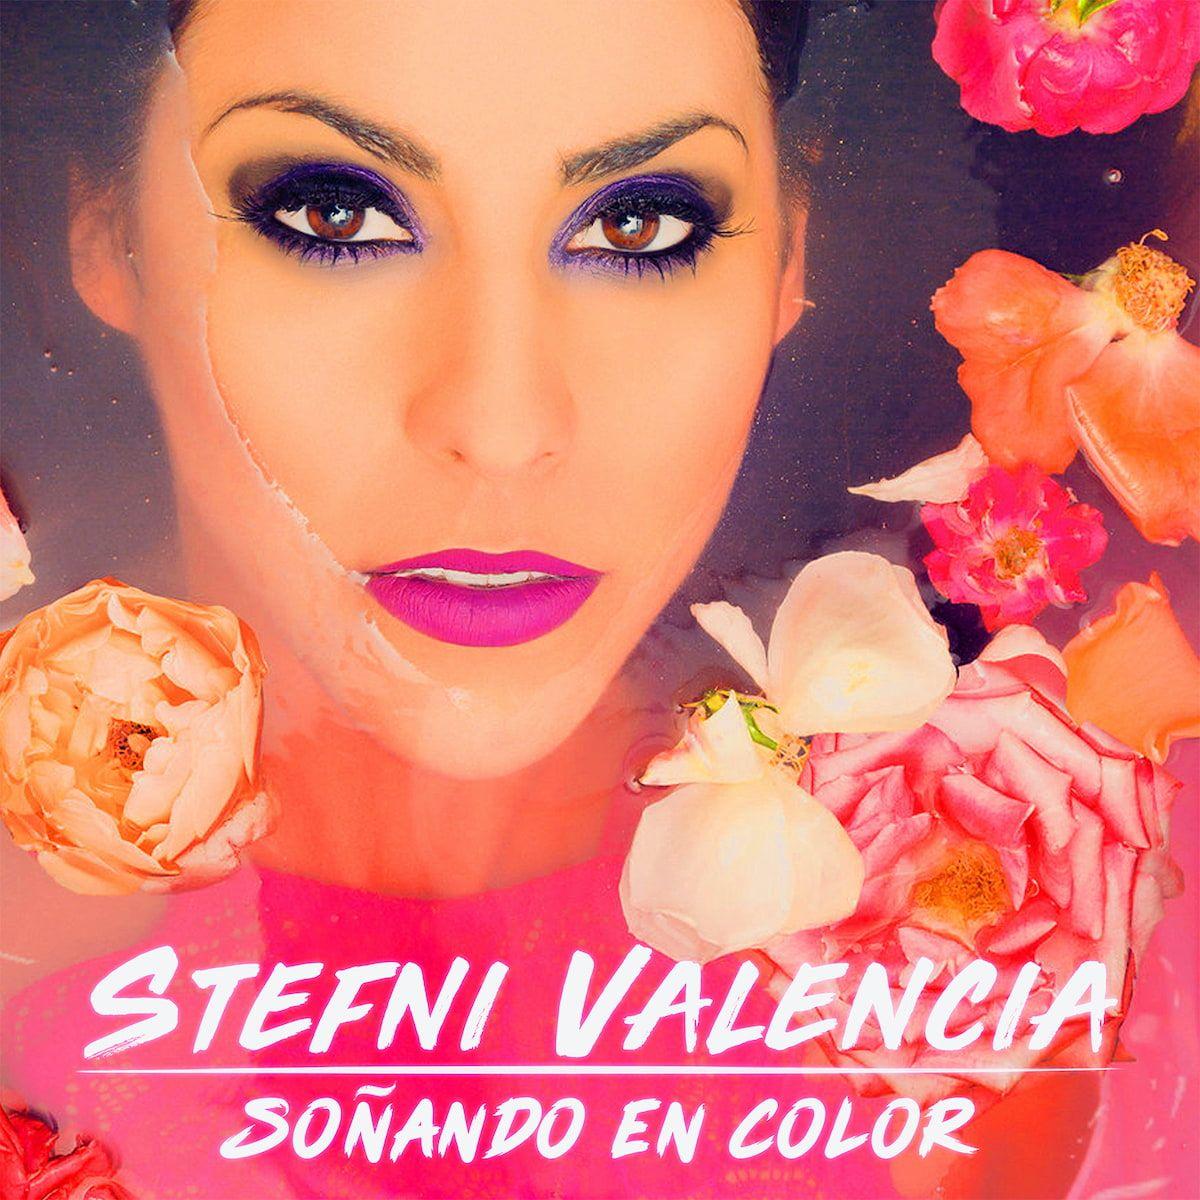 Foto de Stefni Valencia Soñando en Color